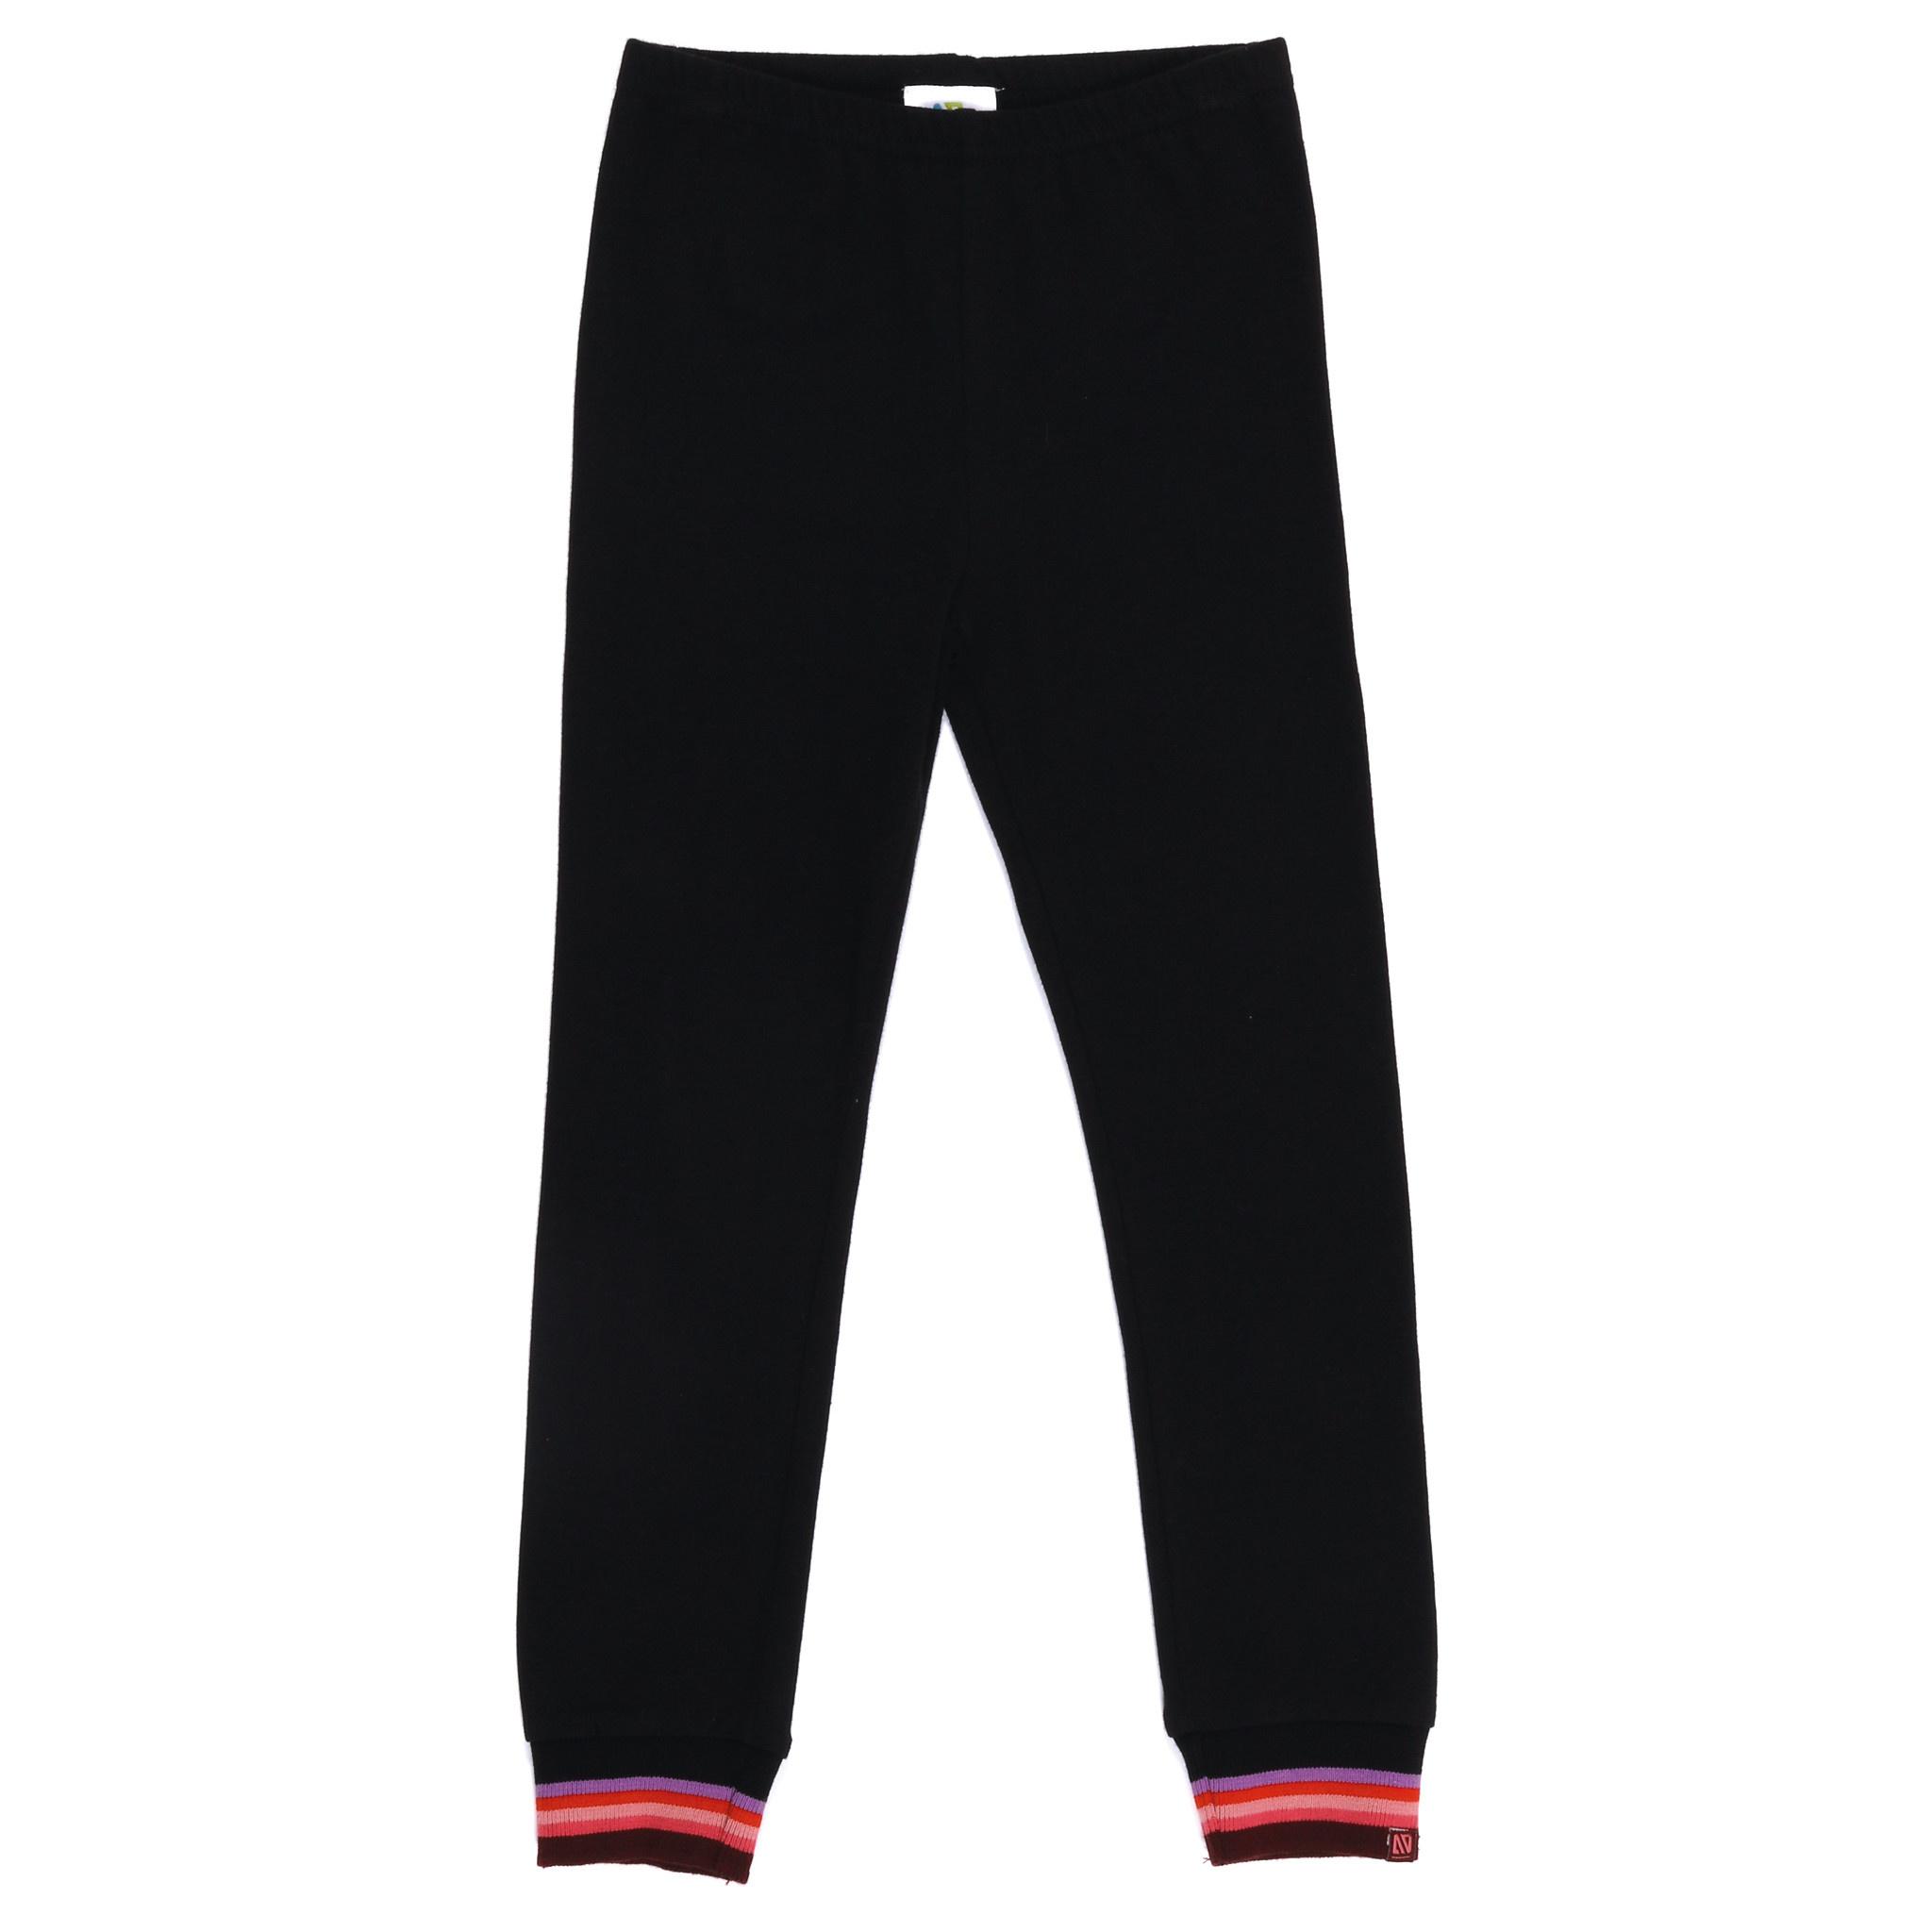 Legging Noir - Flash Retro-5